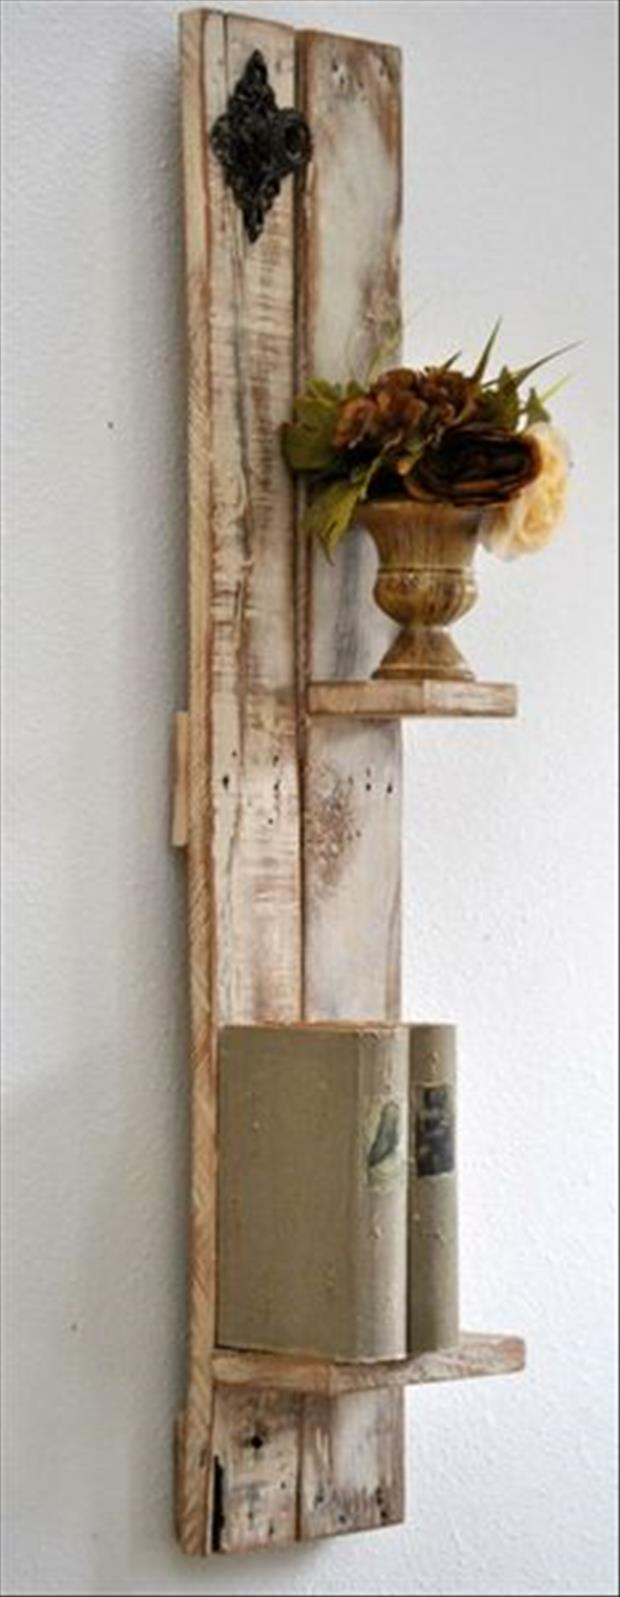 Καταπληκτικές χρήσεις για παλιές παλέτες13